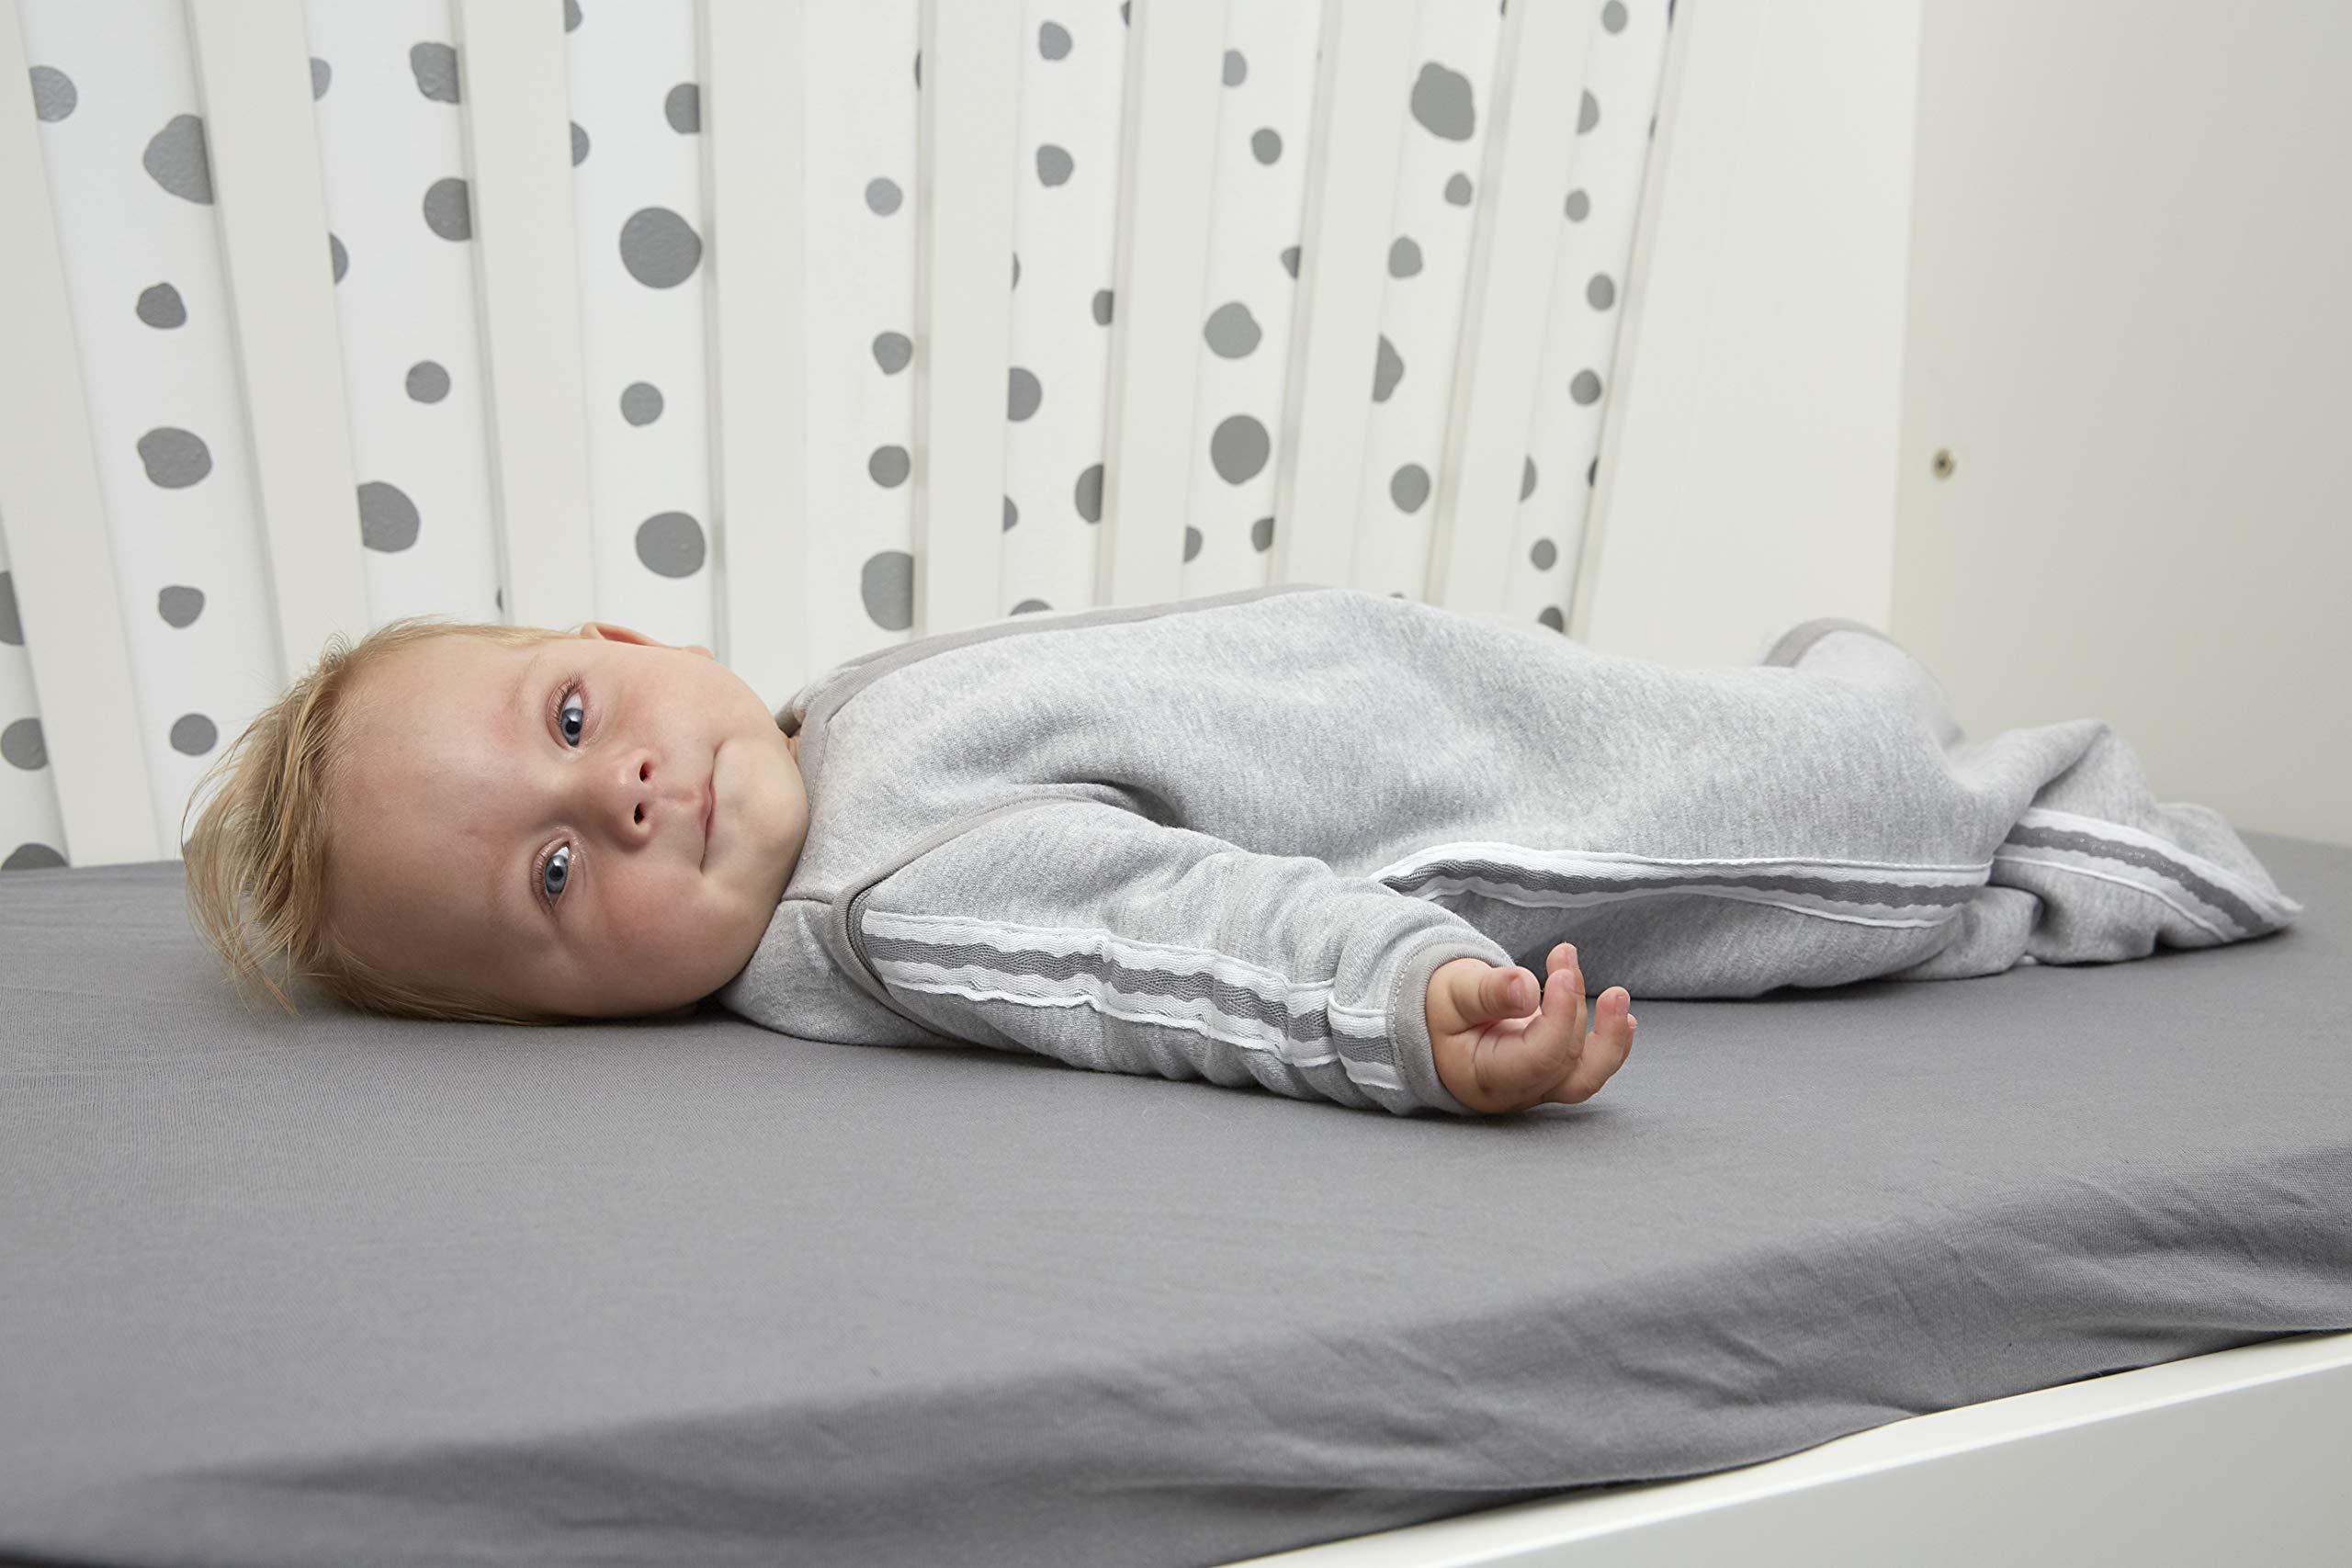 81VfWMPCeVL - Meyco 514025Saco de dormir de invierno 90cm, Gris con Lurex ribete gris